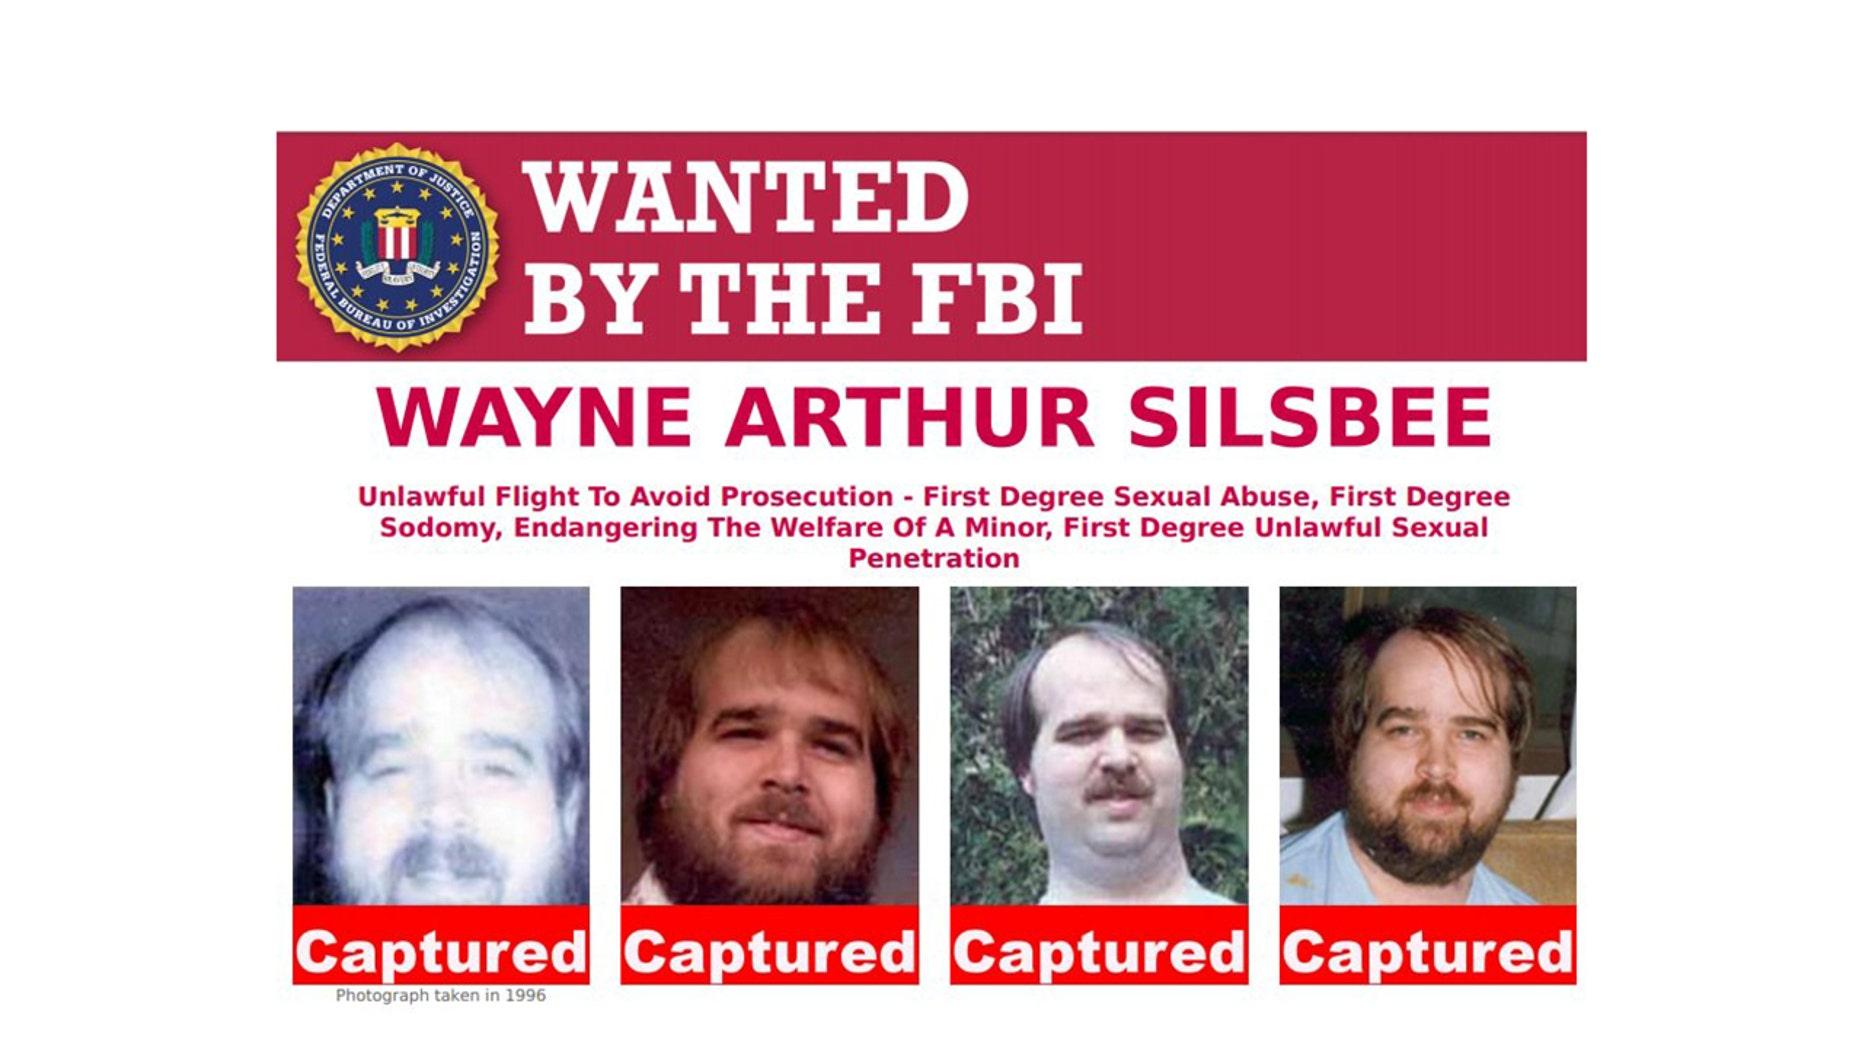 Wayne Arthur Silsbee turned himself into Oregon police on Friday.